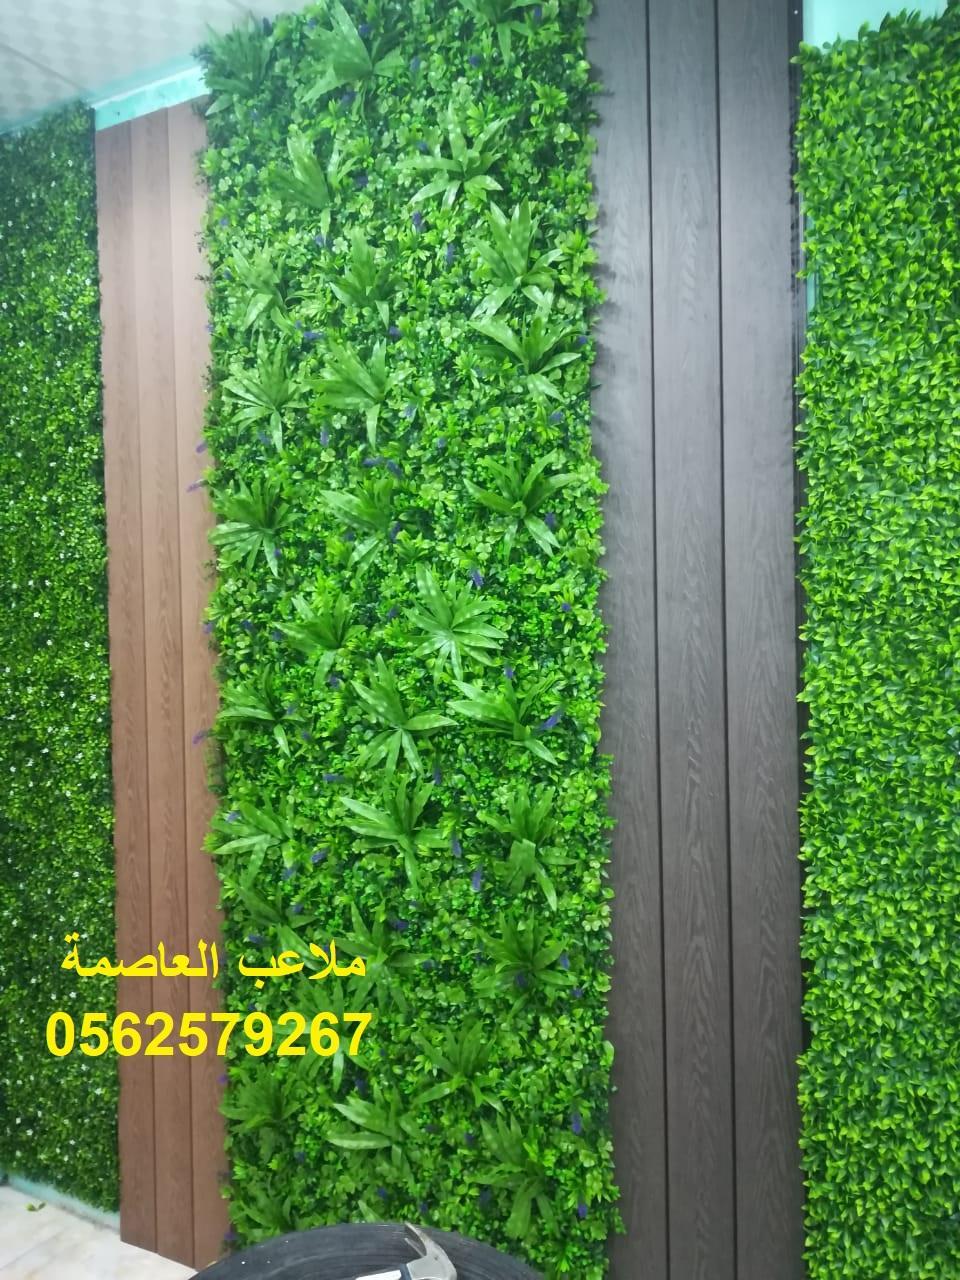 ديكورات عشب صناعي مؤسسه ملاعب العاصمة عشب جداري ديكورات حجريه 0562579267 220547042